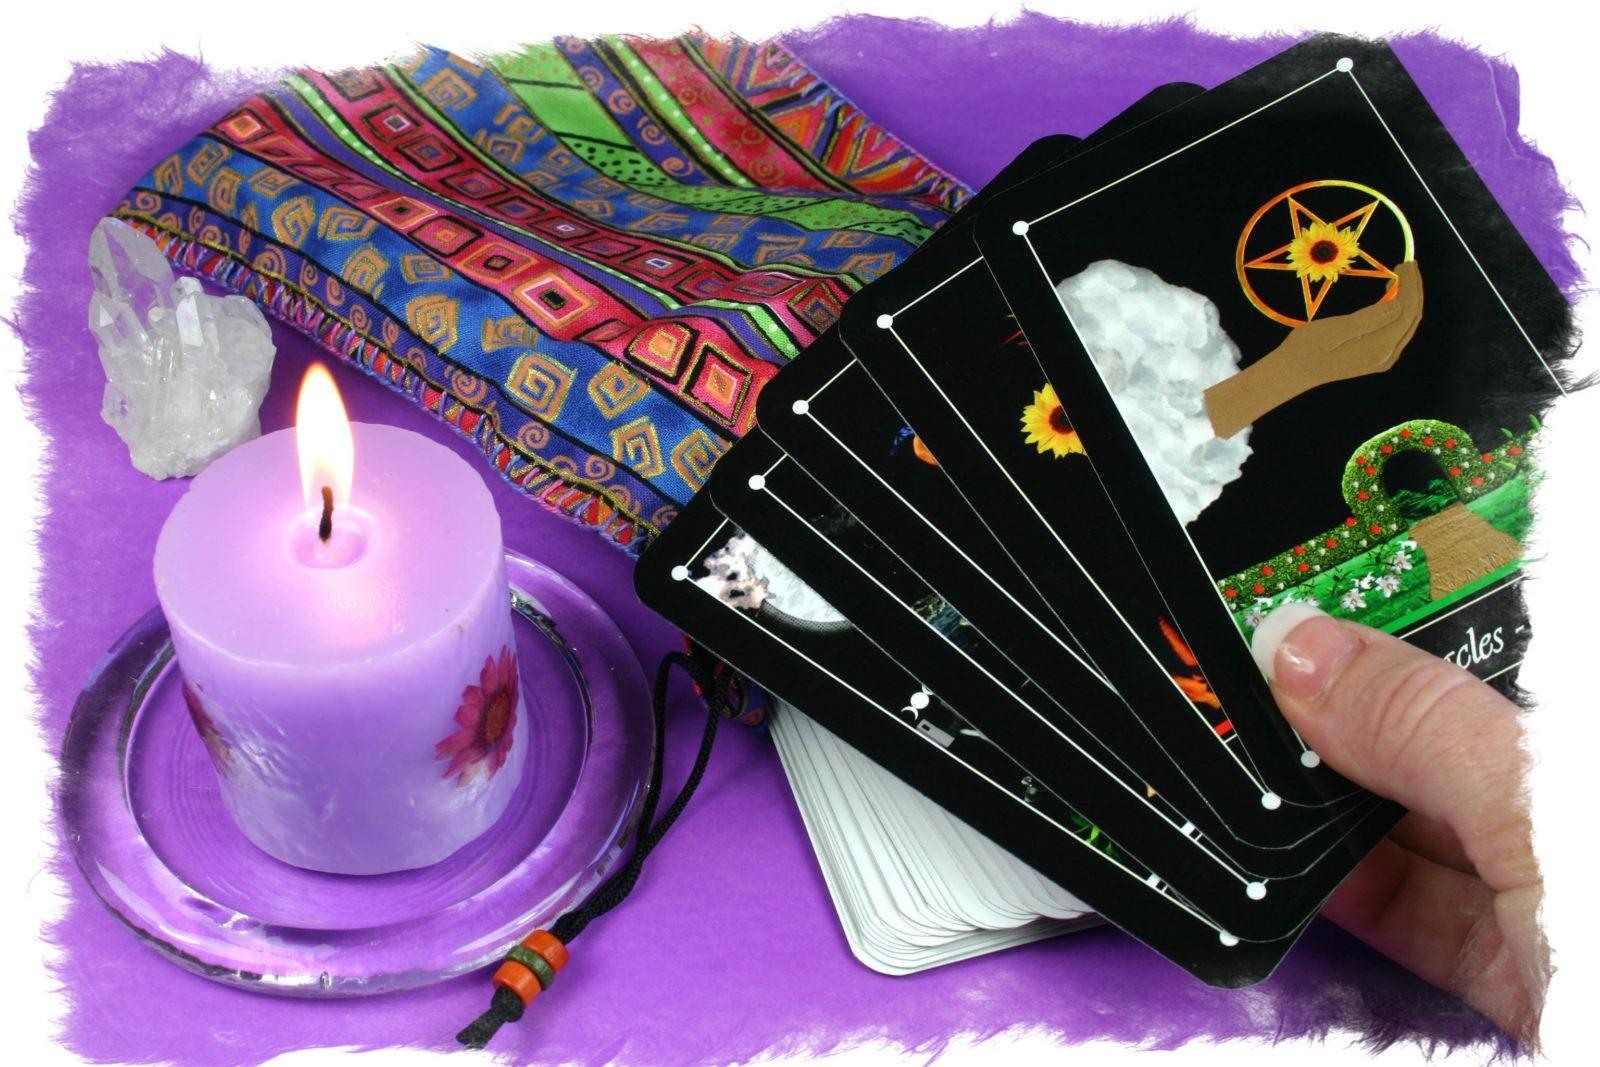 Гадания на свечах на картах таро гадание на картах таро онлайн бесплатно на ближайшее будущее на три дня